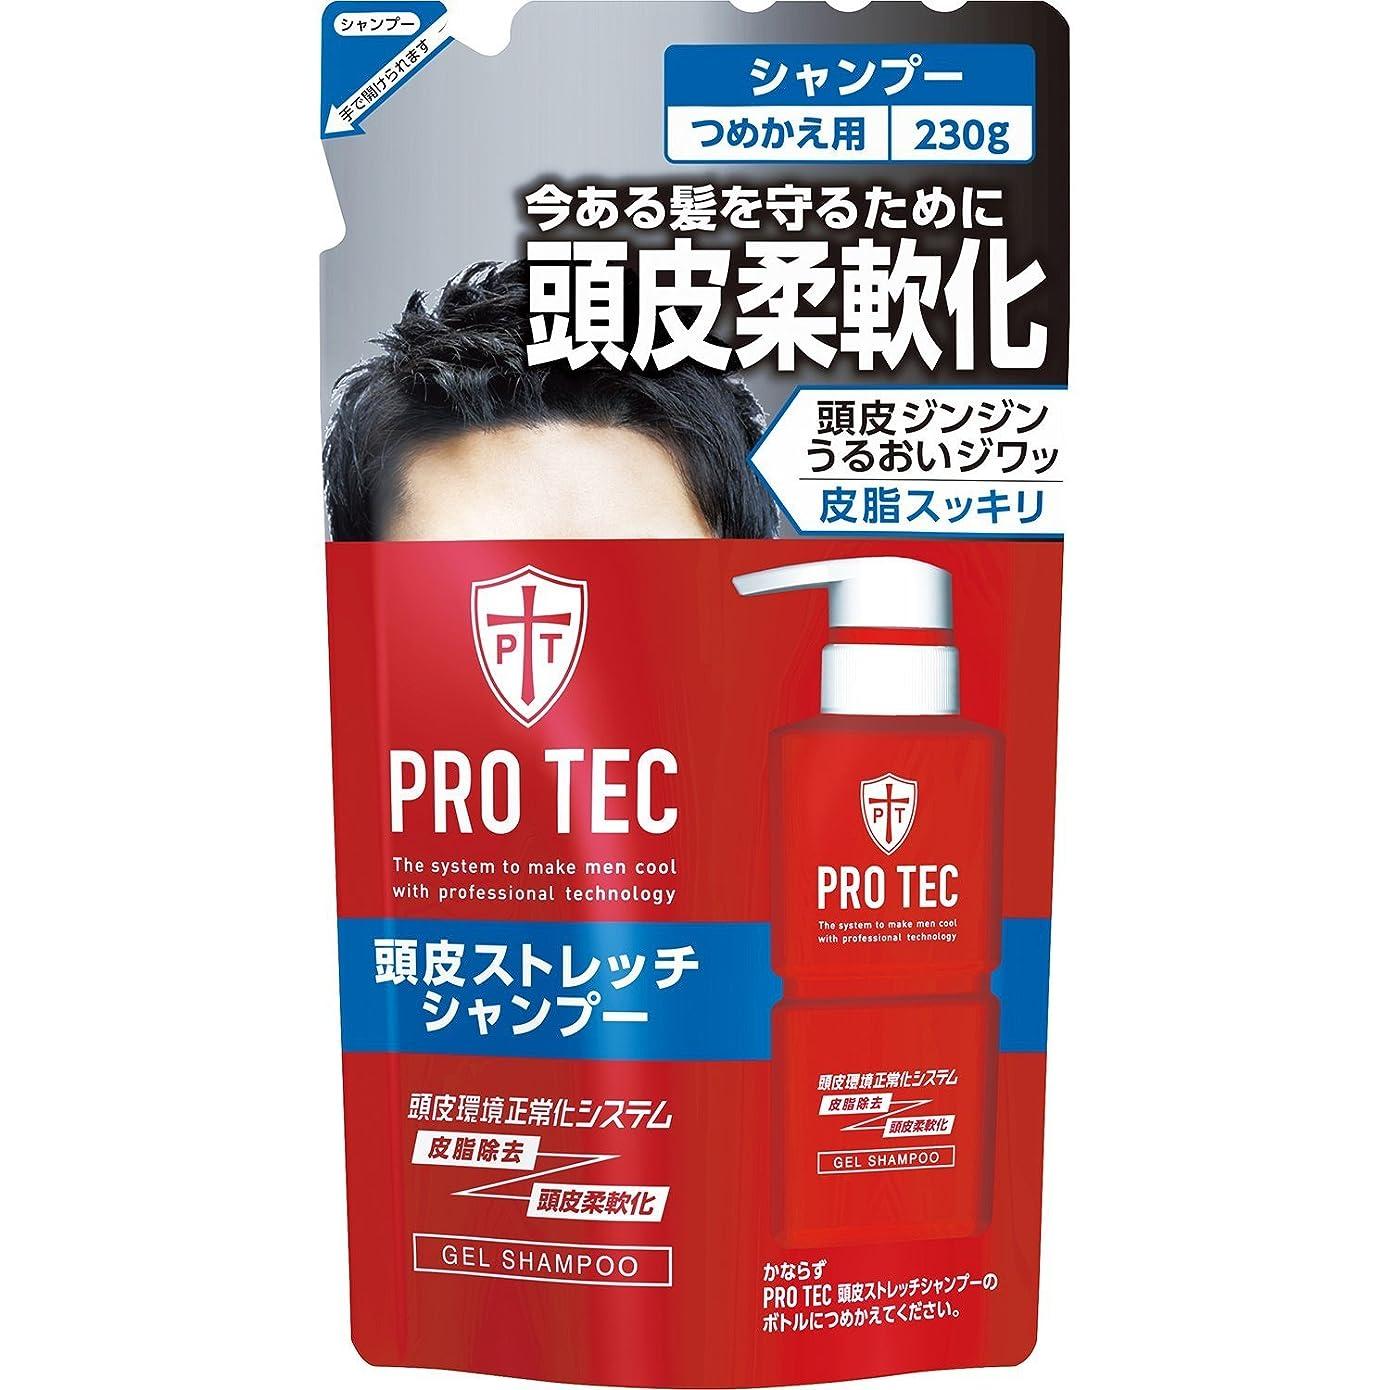 サイバースペース安定ラグPRO TEC(プロテク) 頭皮ストレッチシャンプー つめかえ用 230g (医薬部外品) ×10個セット